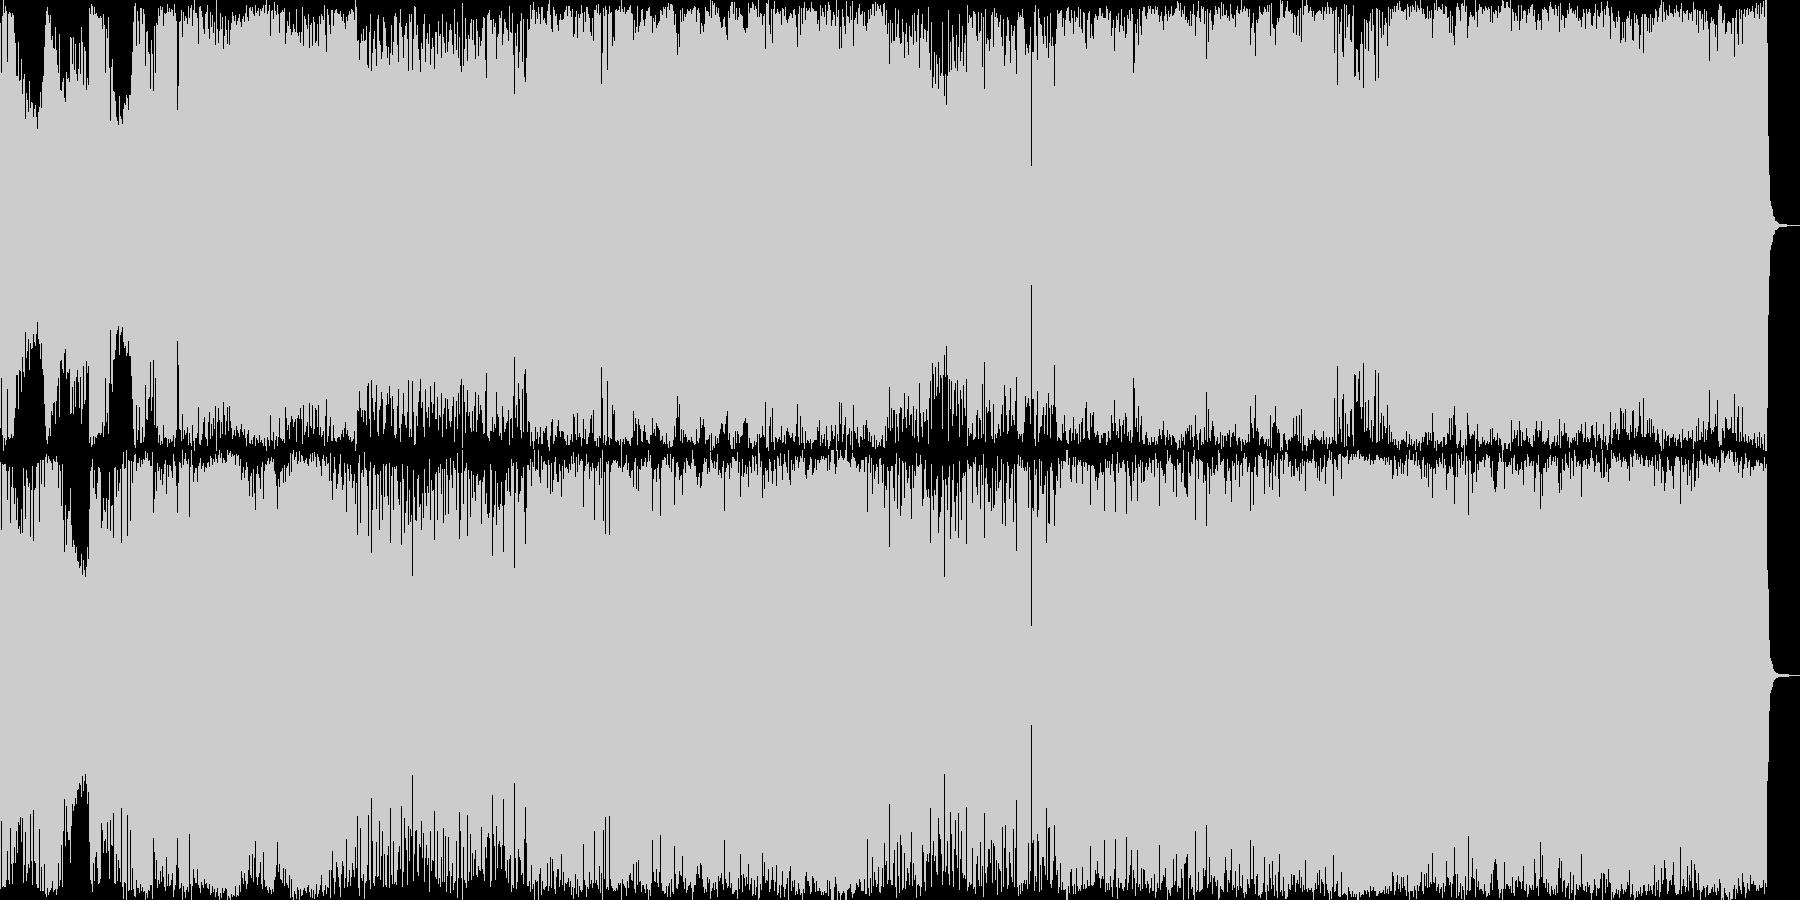 日本の王道的なエレクトロポップ曲です。の未再生の波形